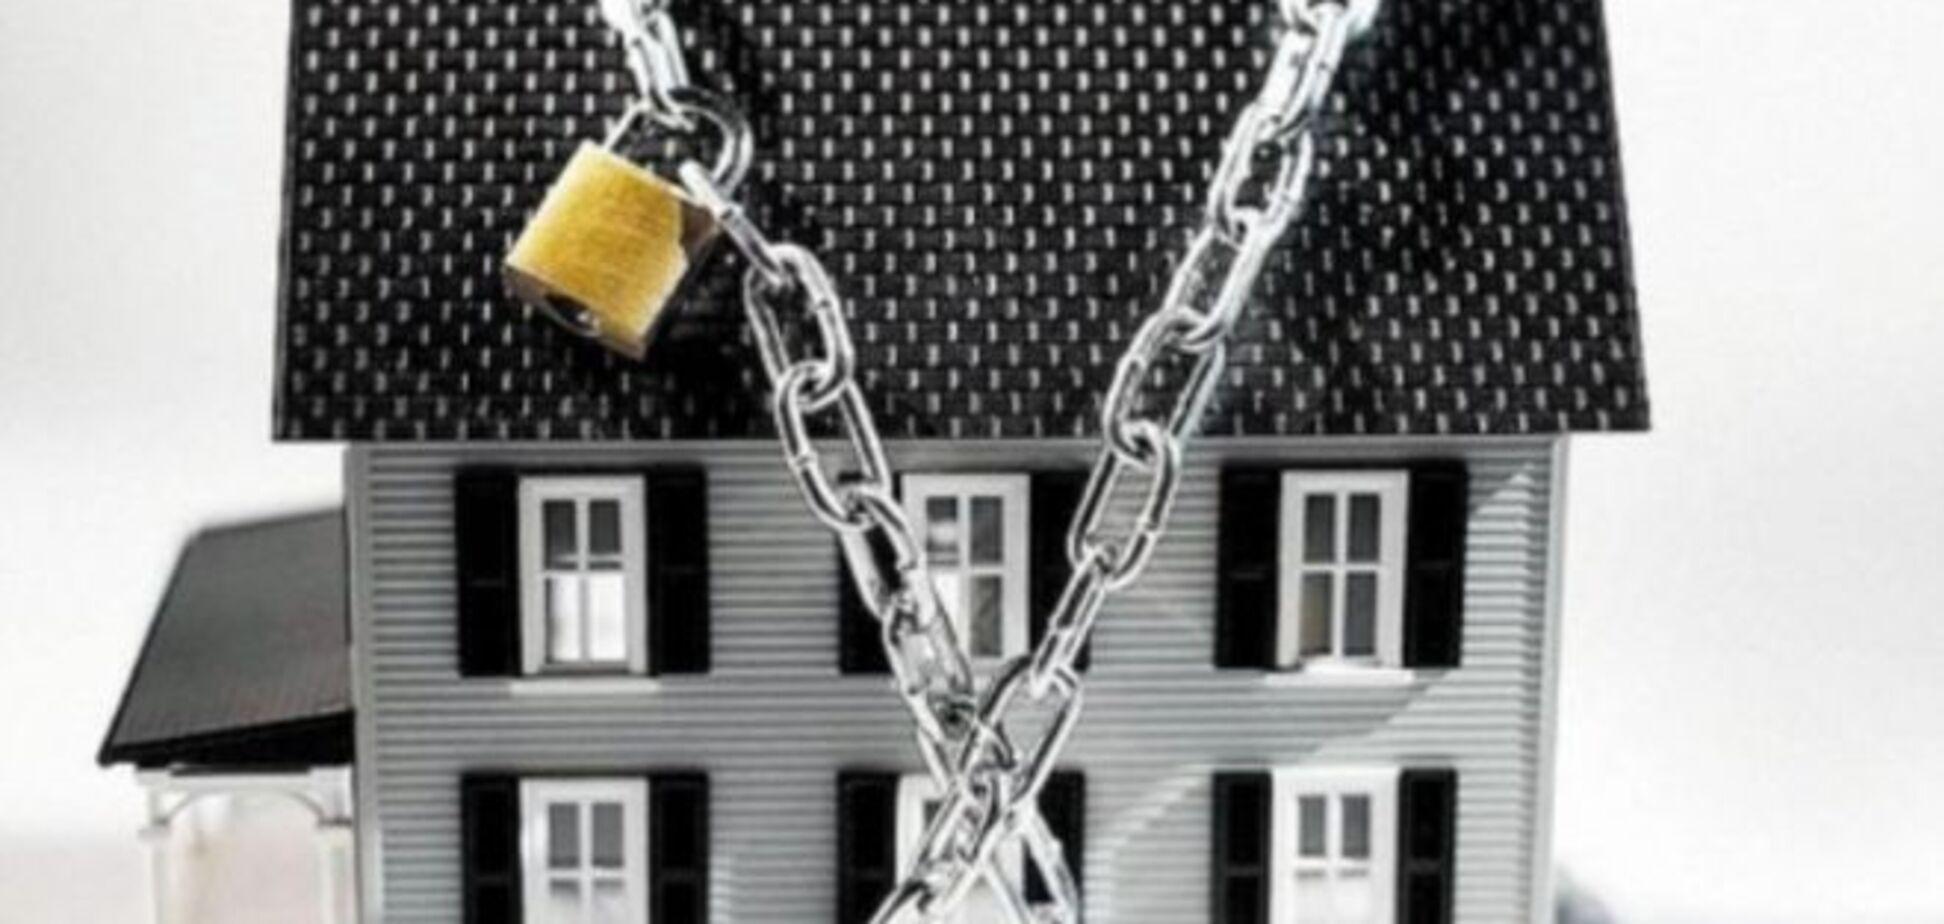 Суд запретил выселять ипотечных должников из жилья по надписи нотариуса